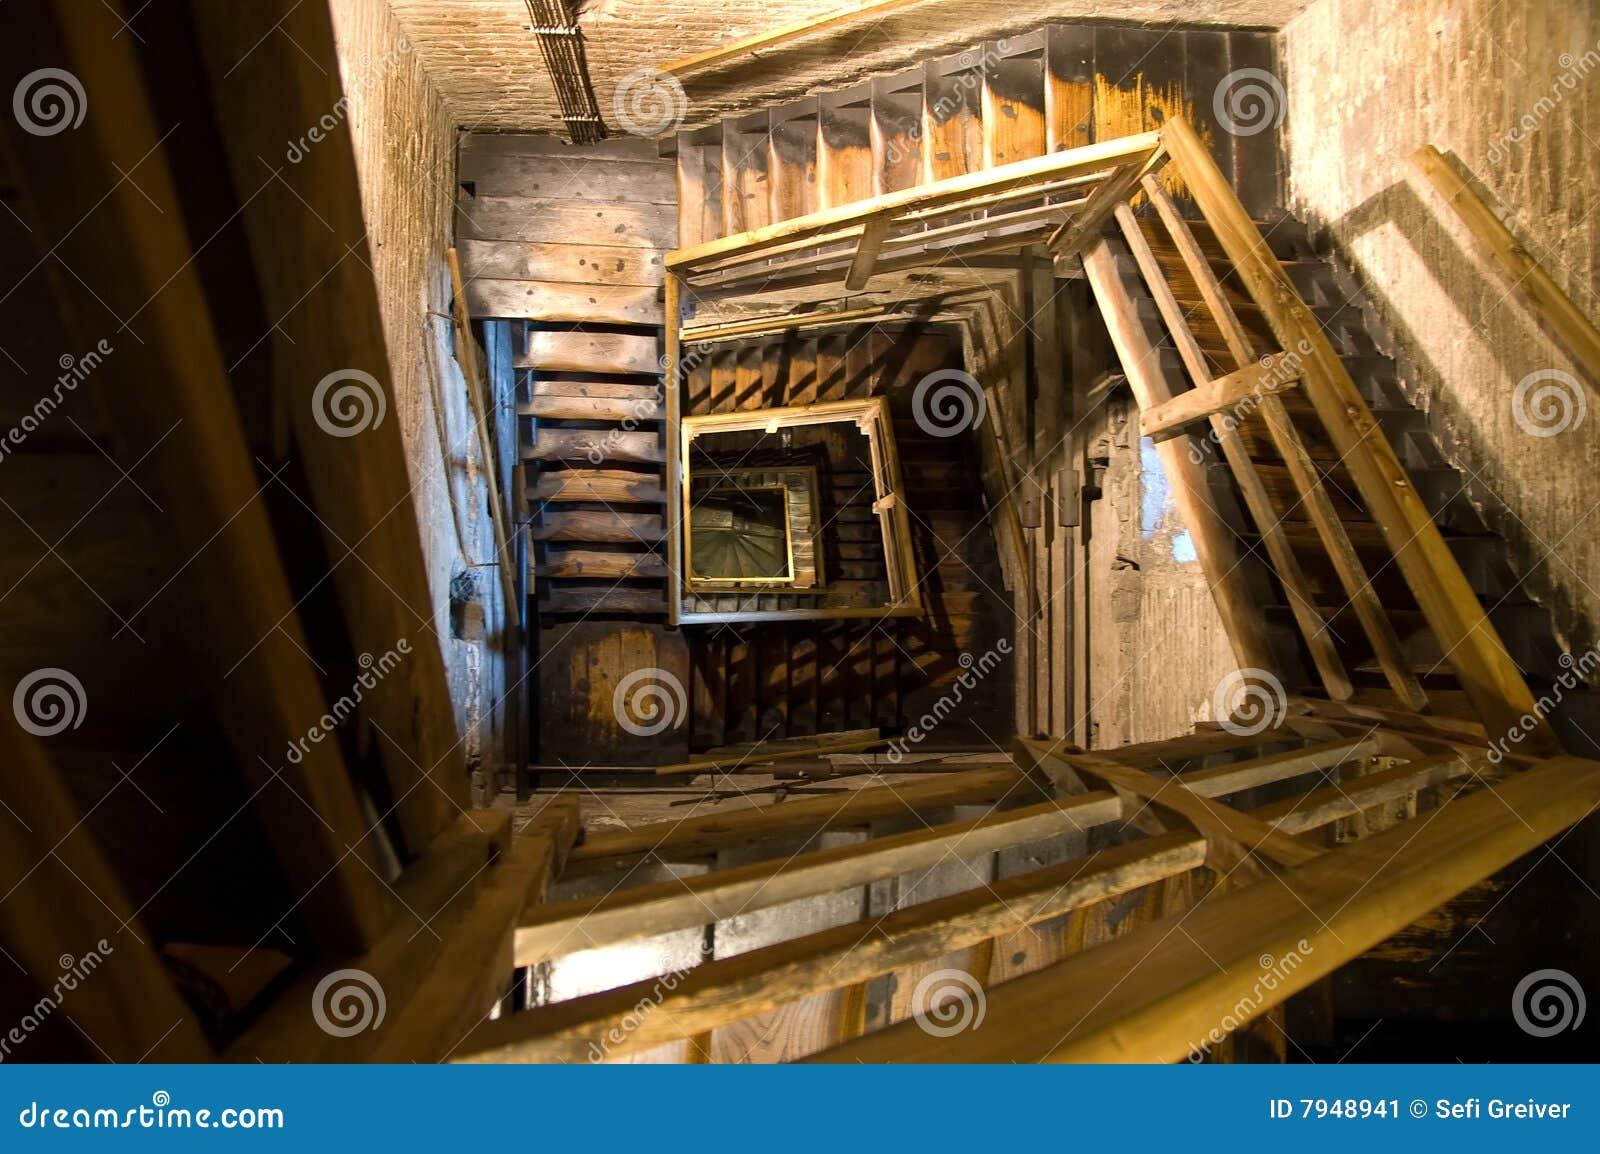 Old rectangular spiral stairways